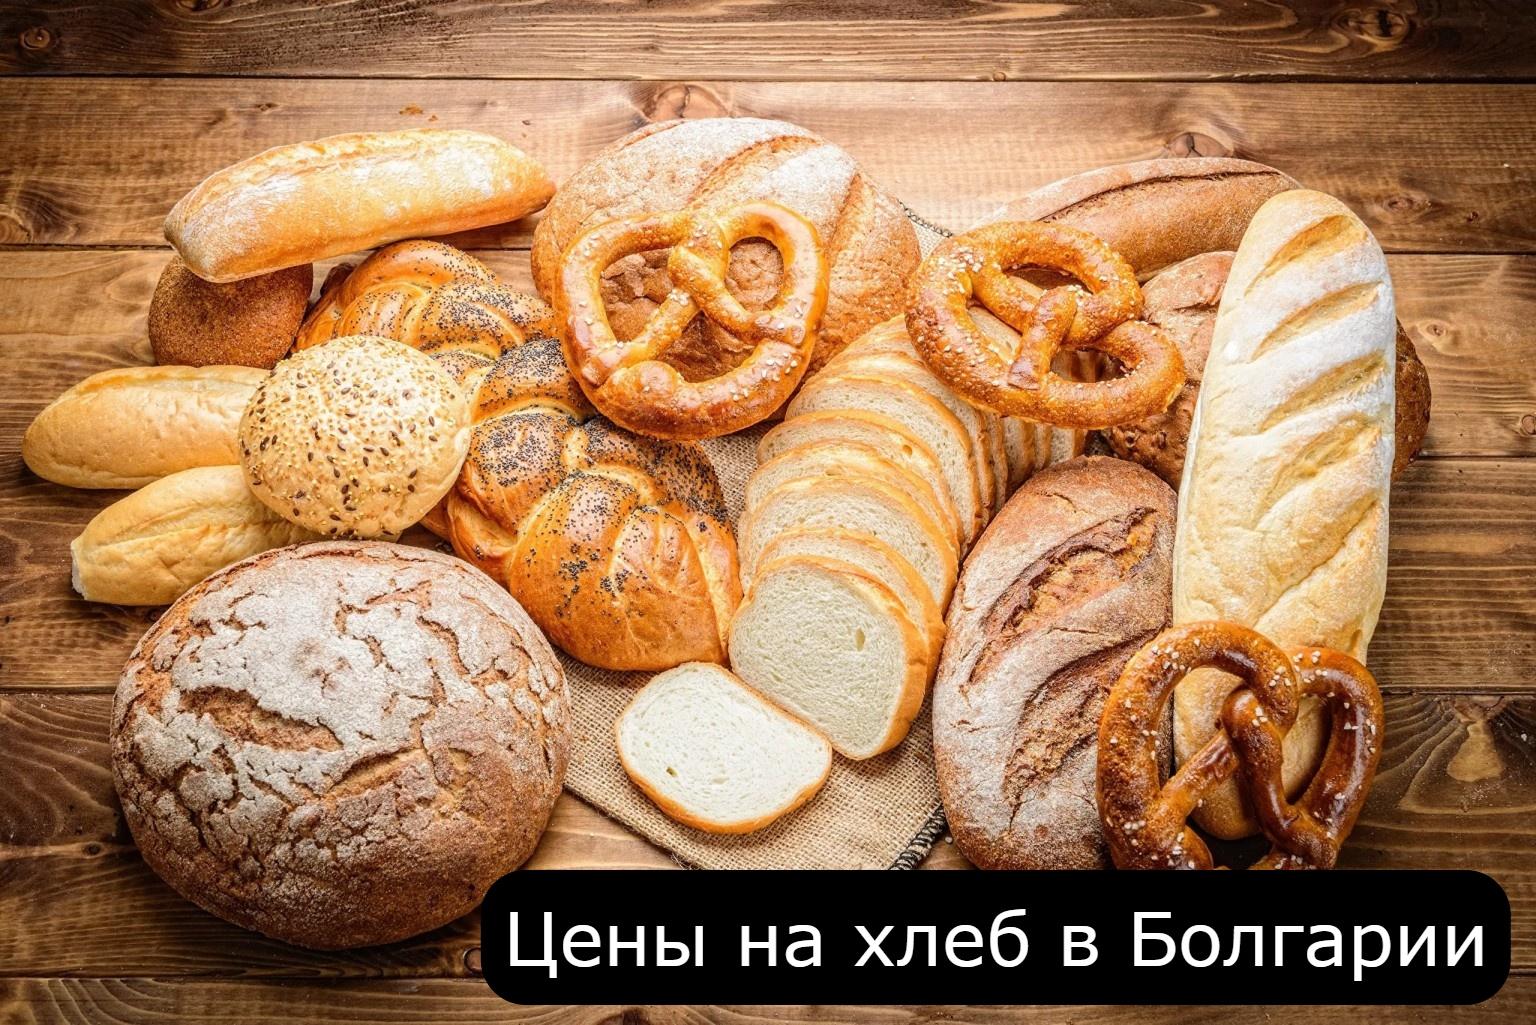 Стоимость хлеба в Болгарии